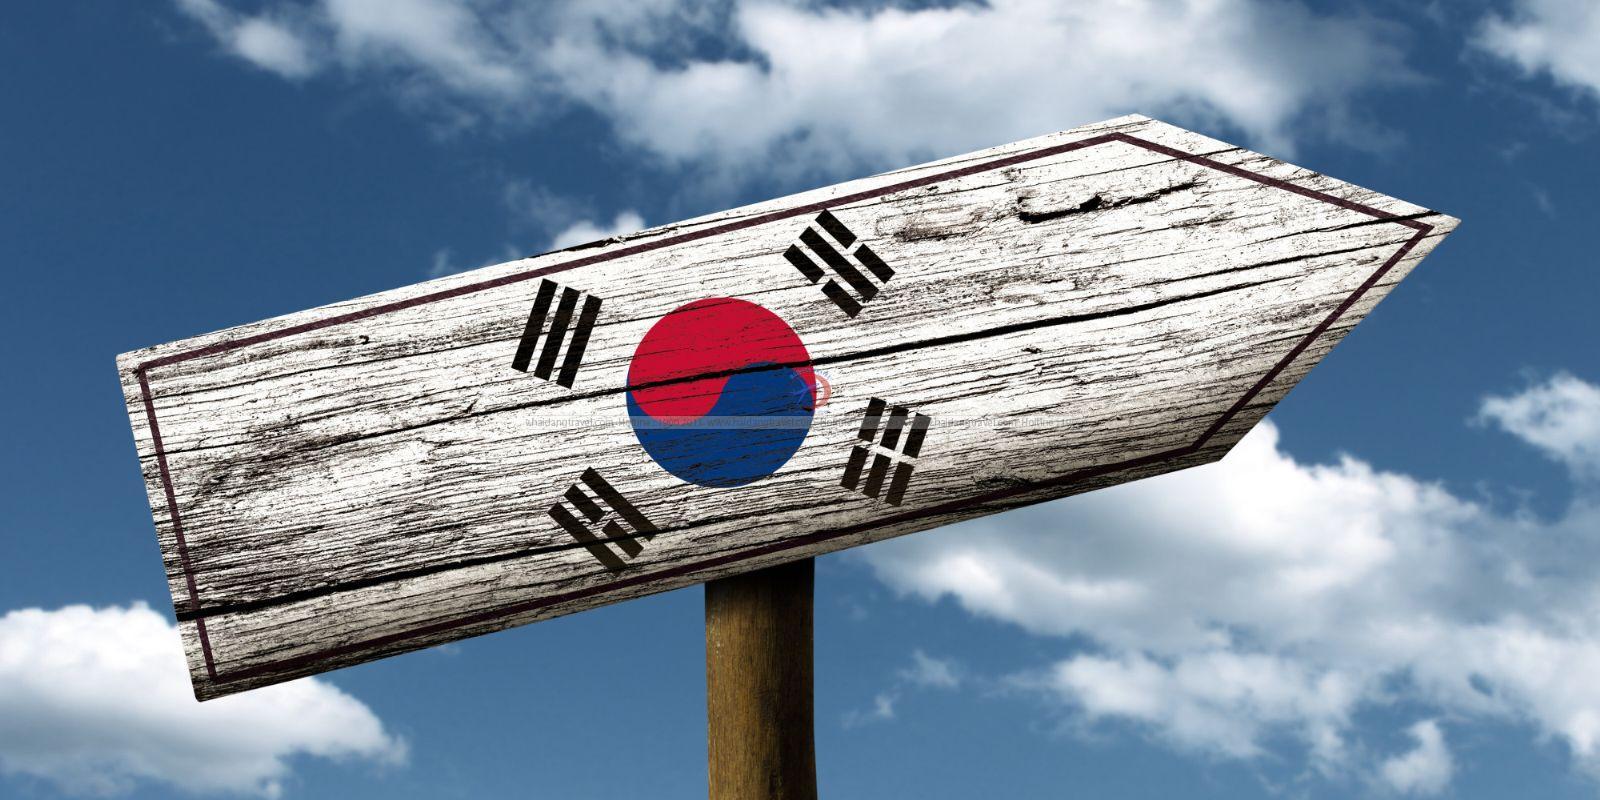 Kinh nghiệm bỏ túi cho du khách khi lần đầu đặt chân đến Hàn Quốc